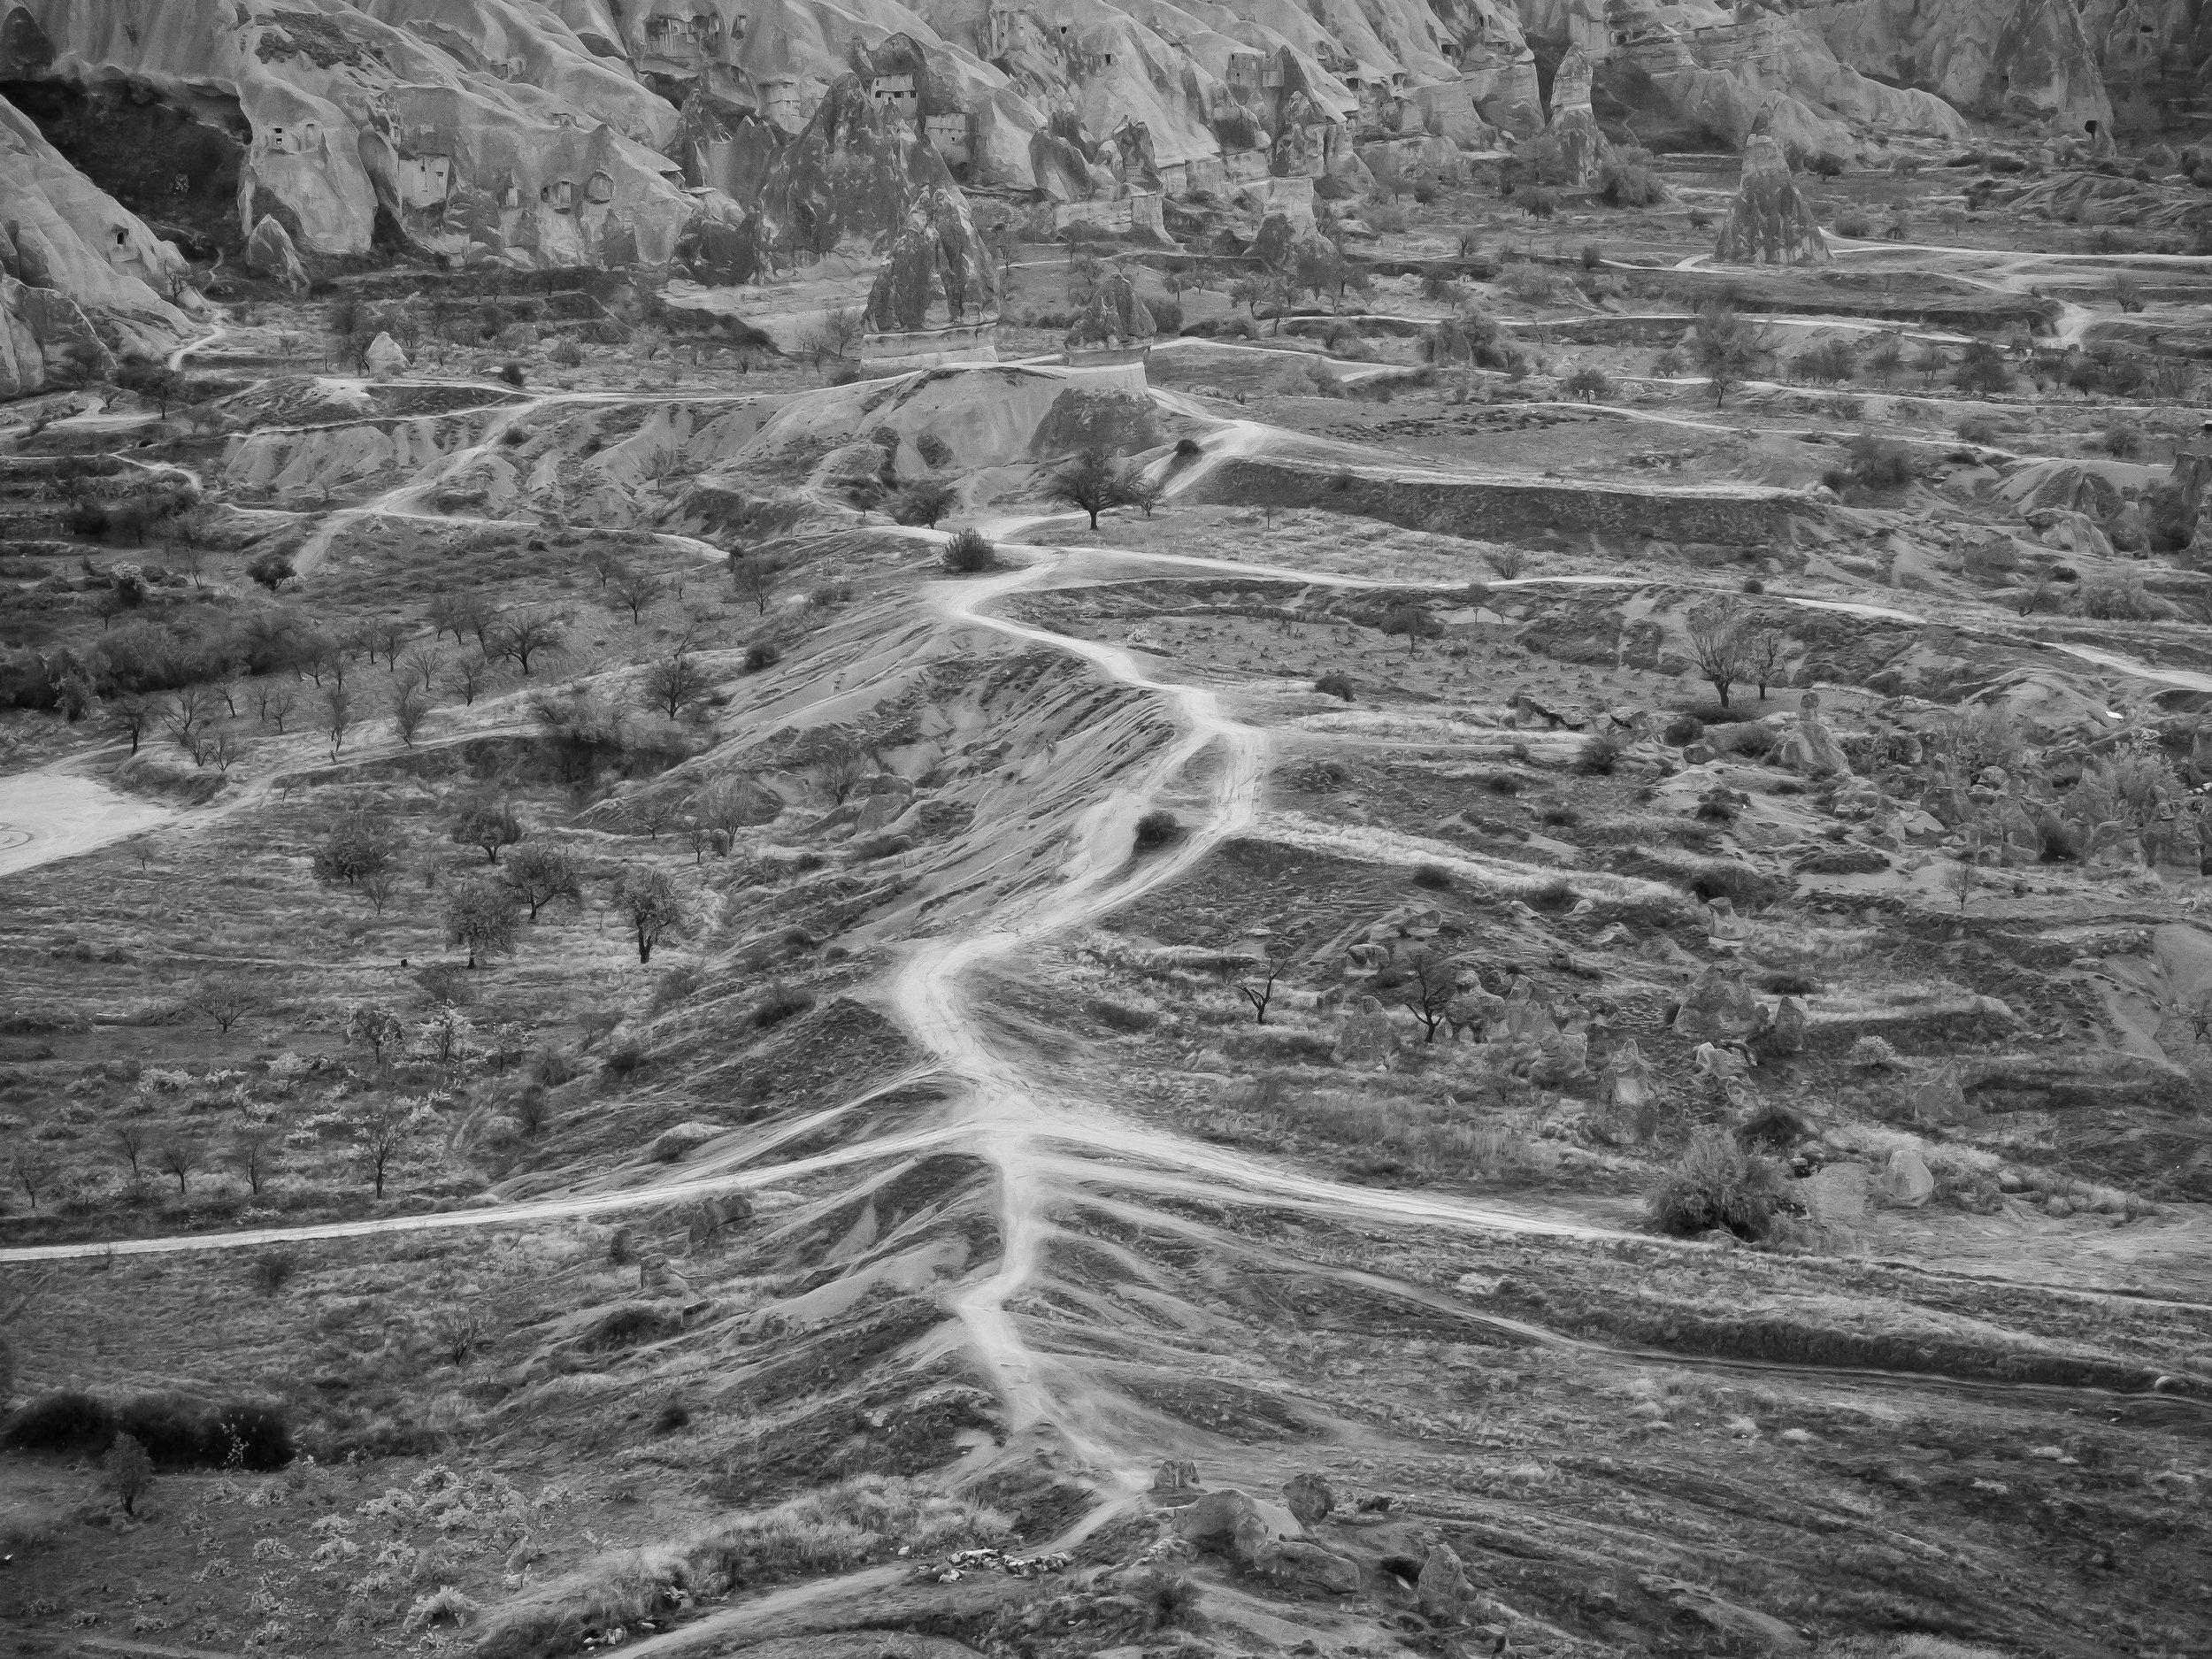 Capadoccia, Turkey (36 images)